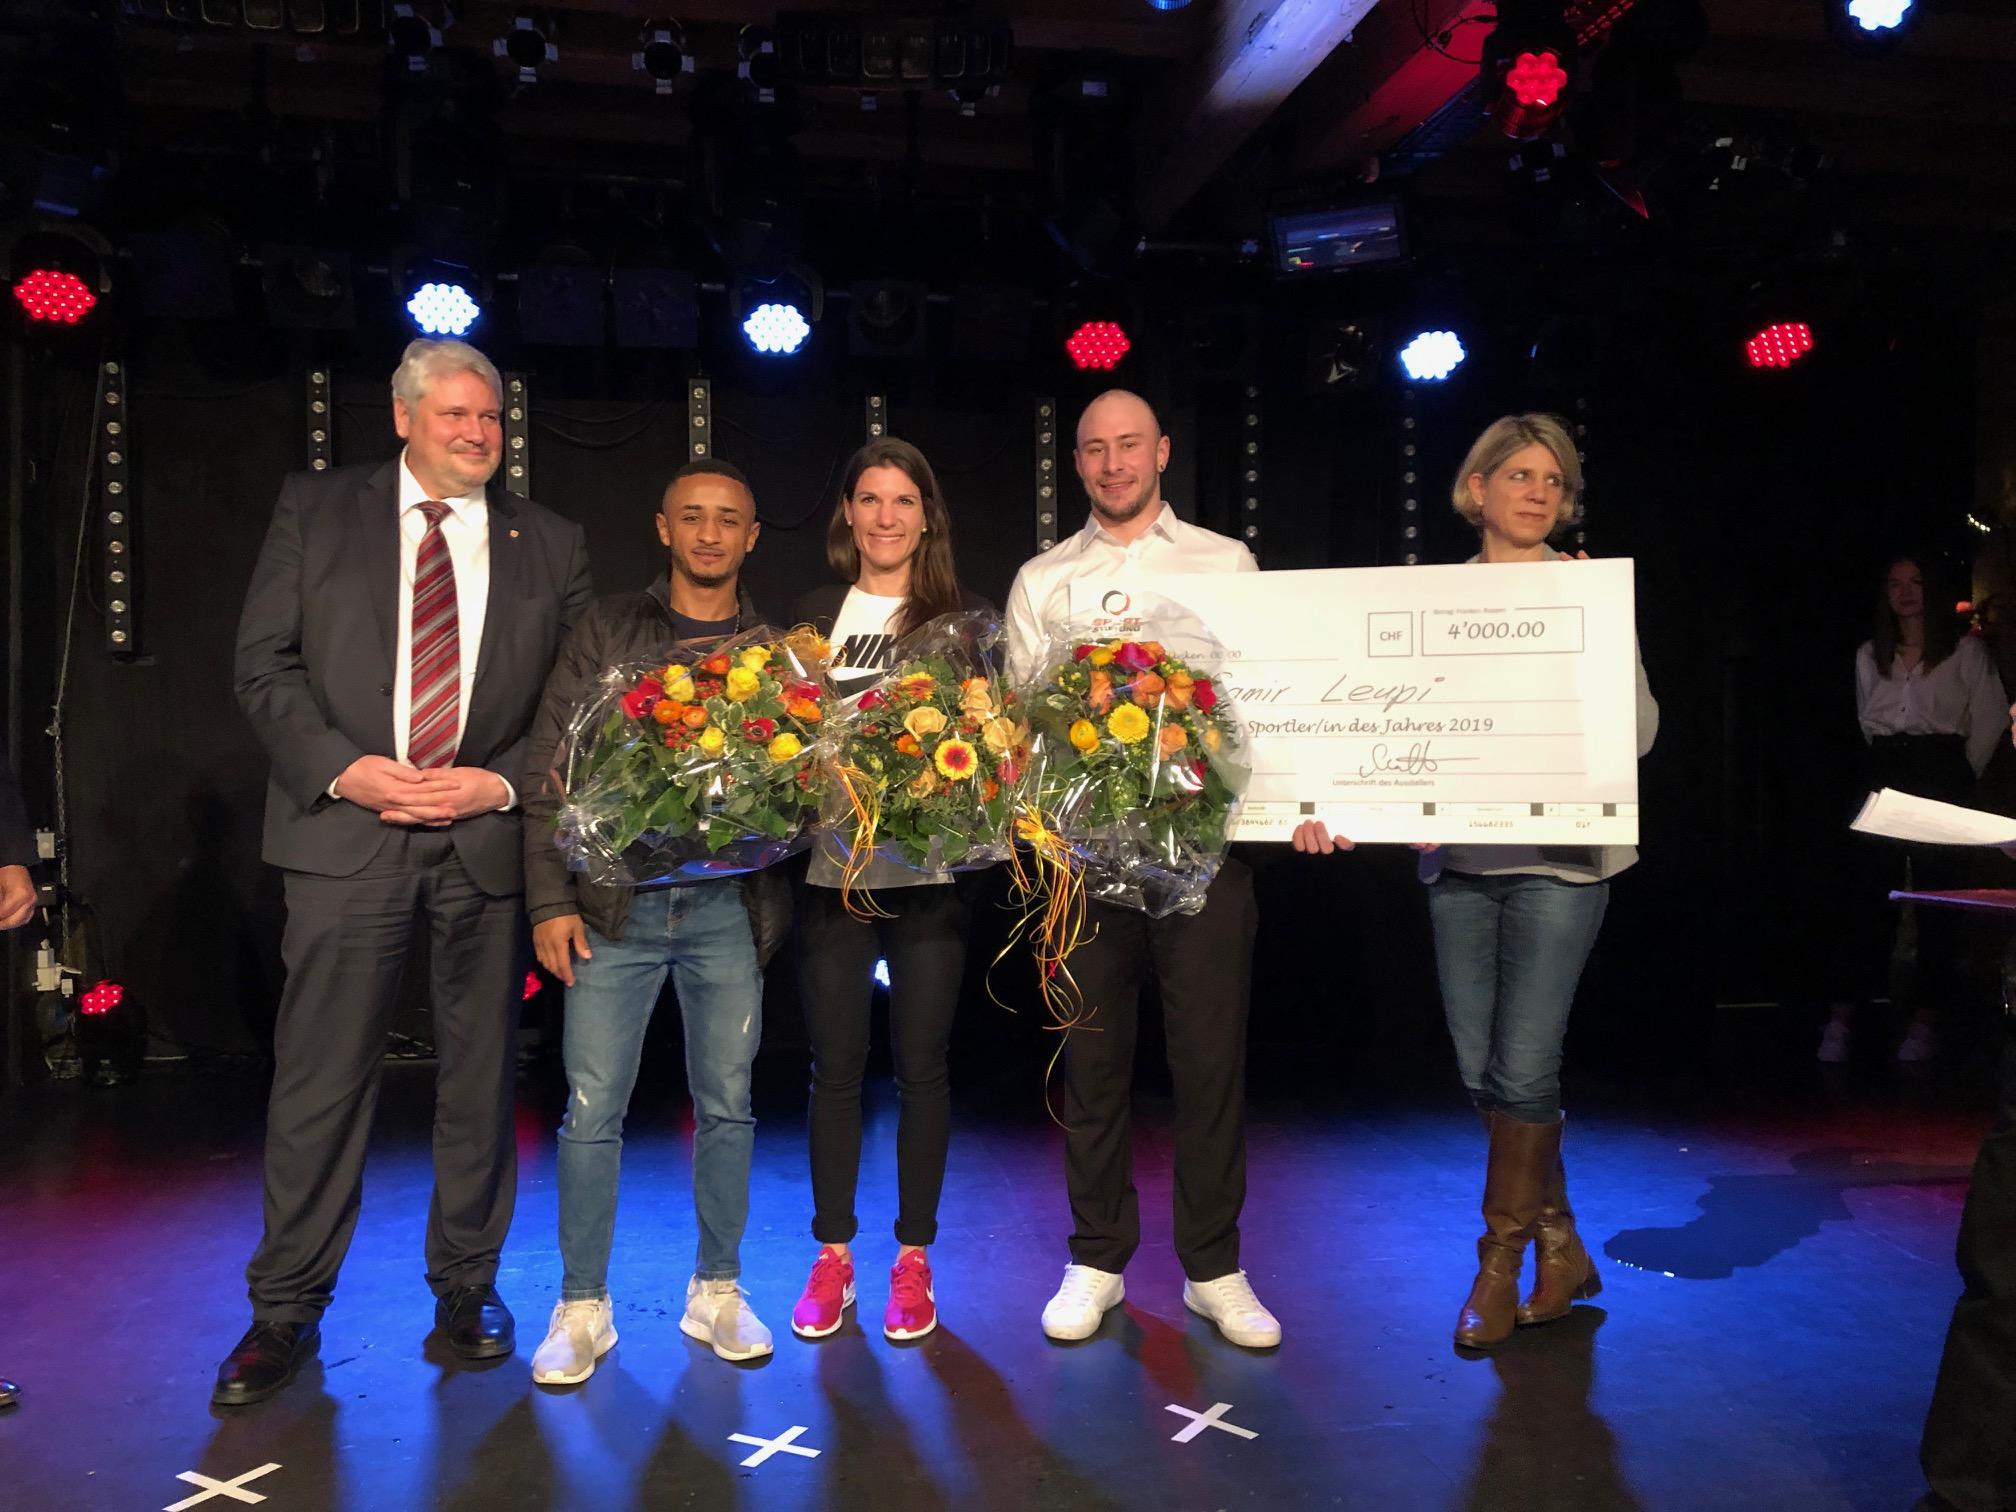 Samir Leuppi ist Winterthurer Sportler des Jahres